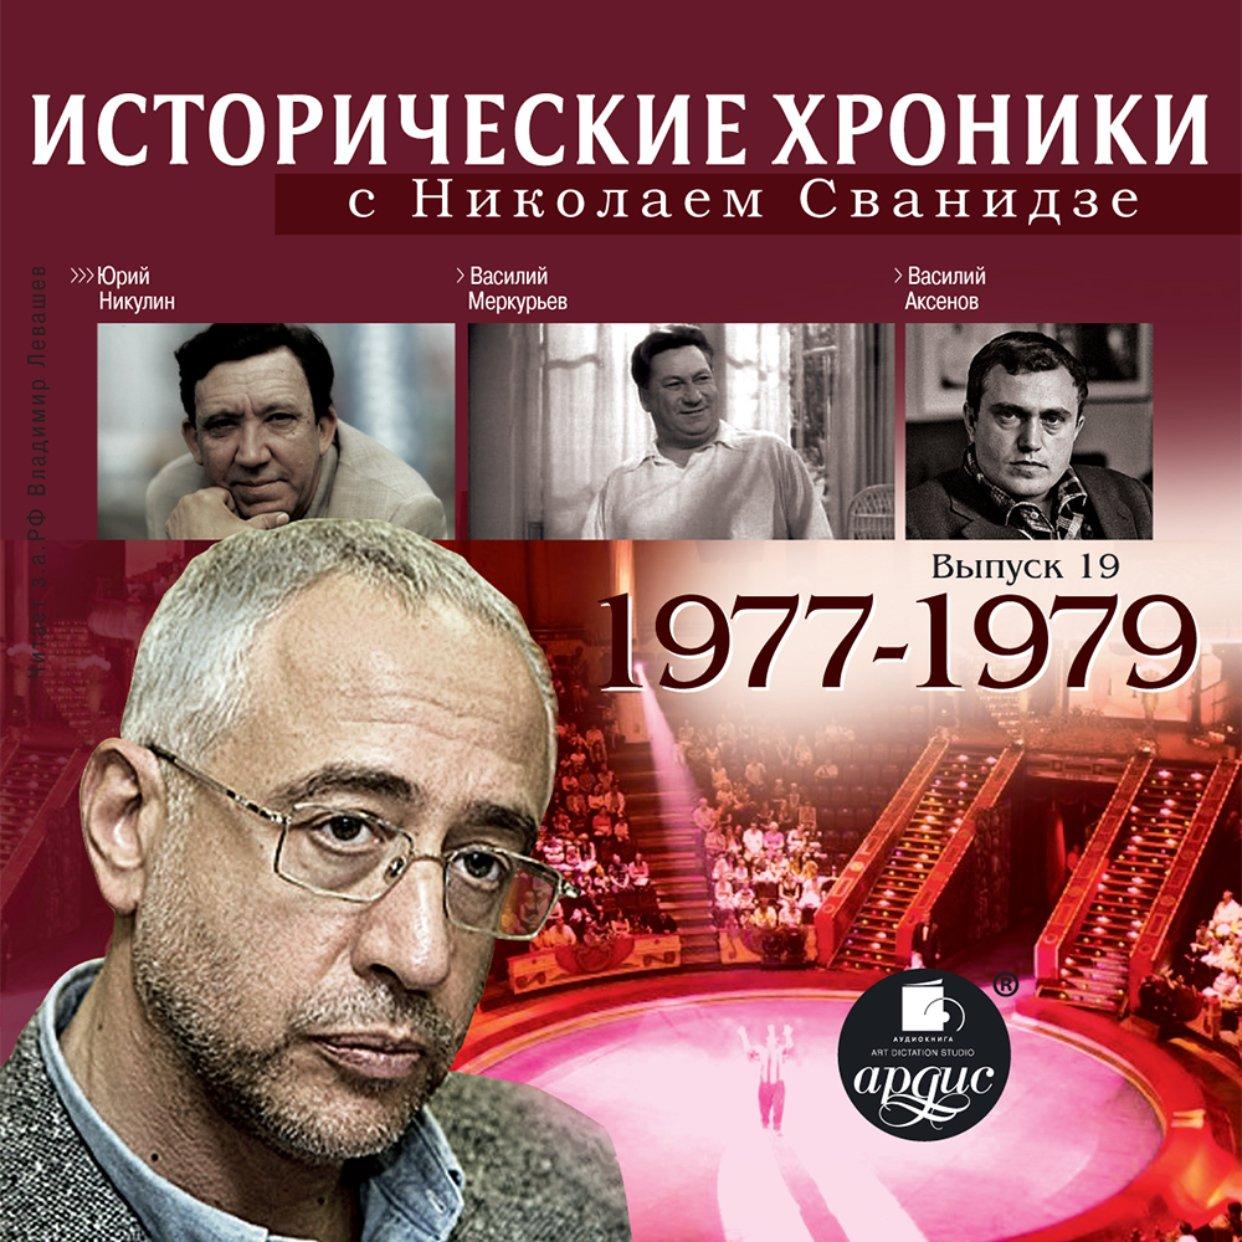 Исторические хроники с Николаем Сванидзе. Выпуск 19. 1977-1979гг.